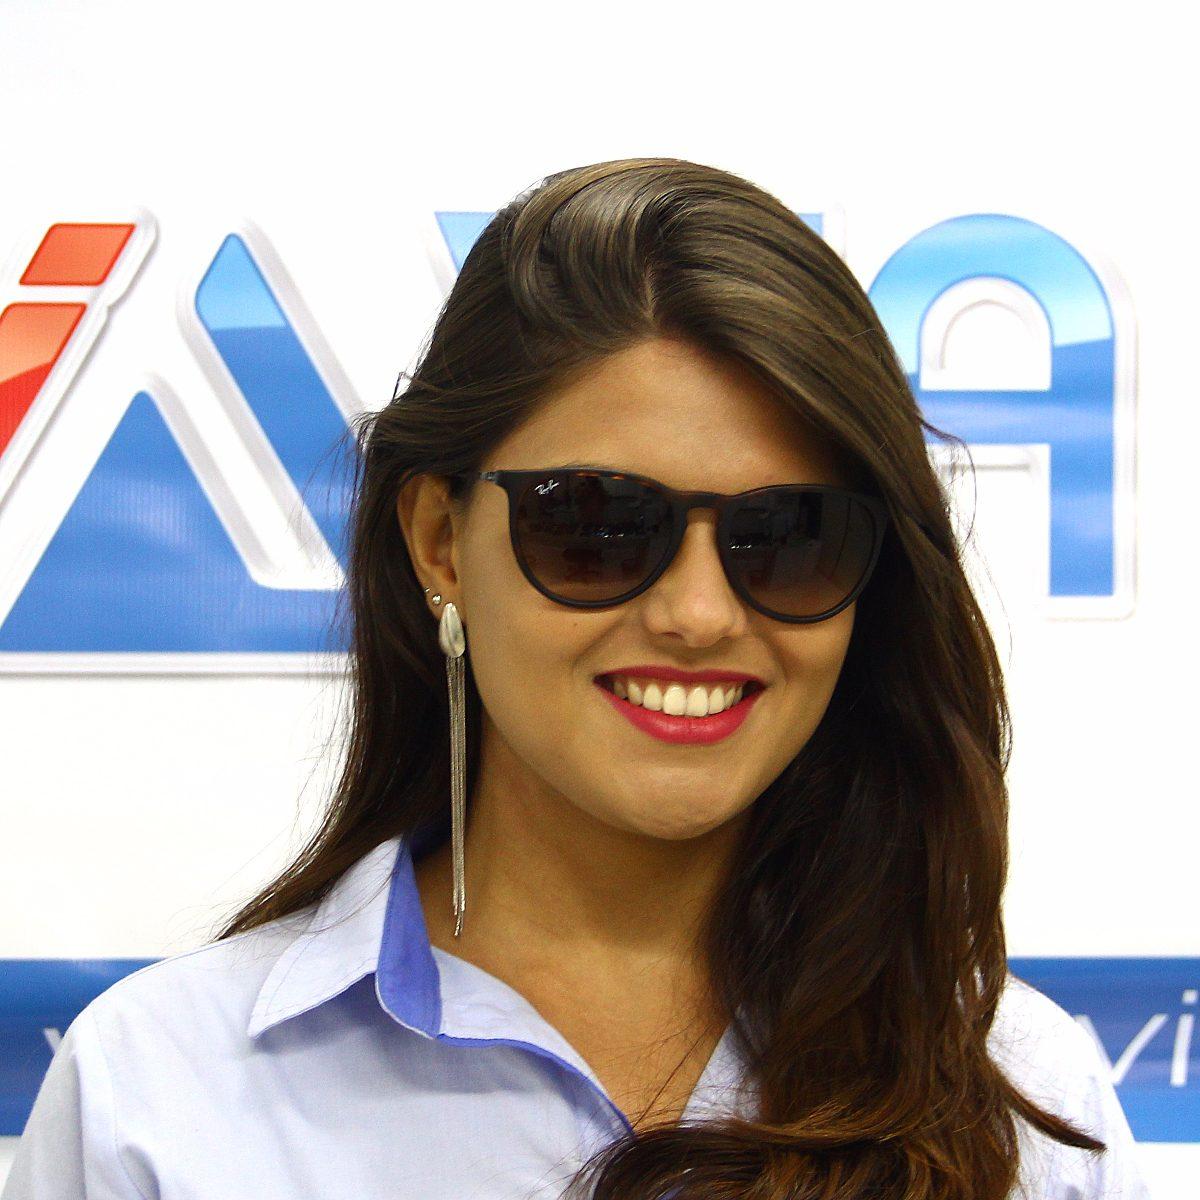 3f70d0c56 Óculos De Sol Ray Ban Feminino 4171 - Original - R$ 459,99 em ...